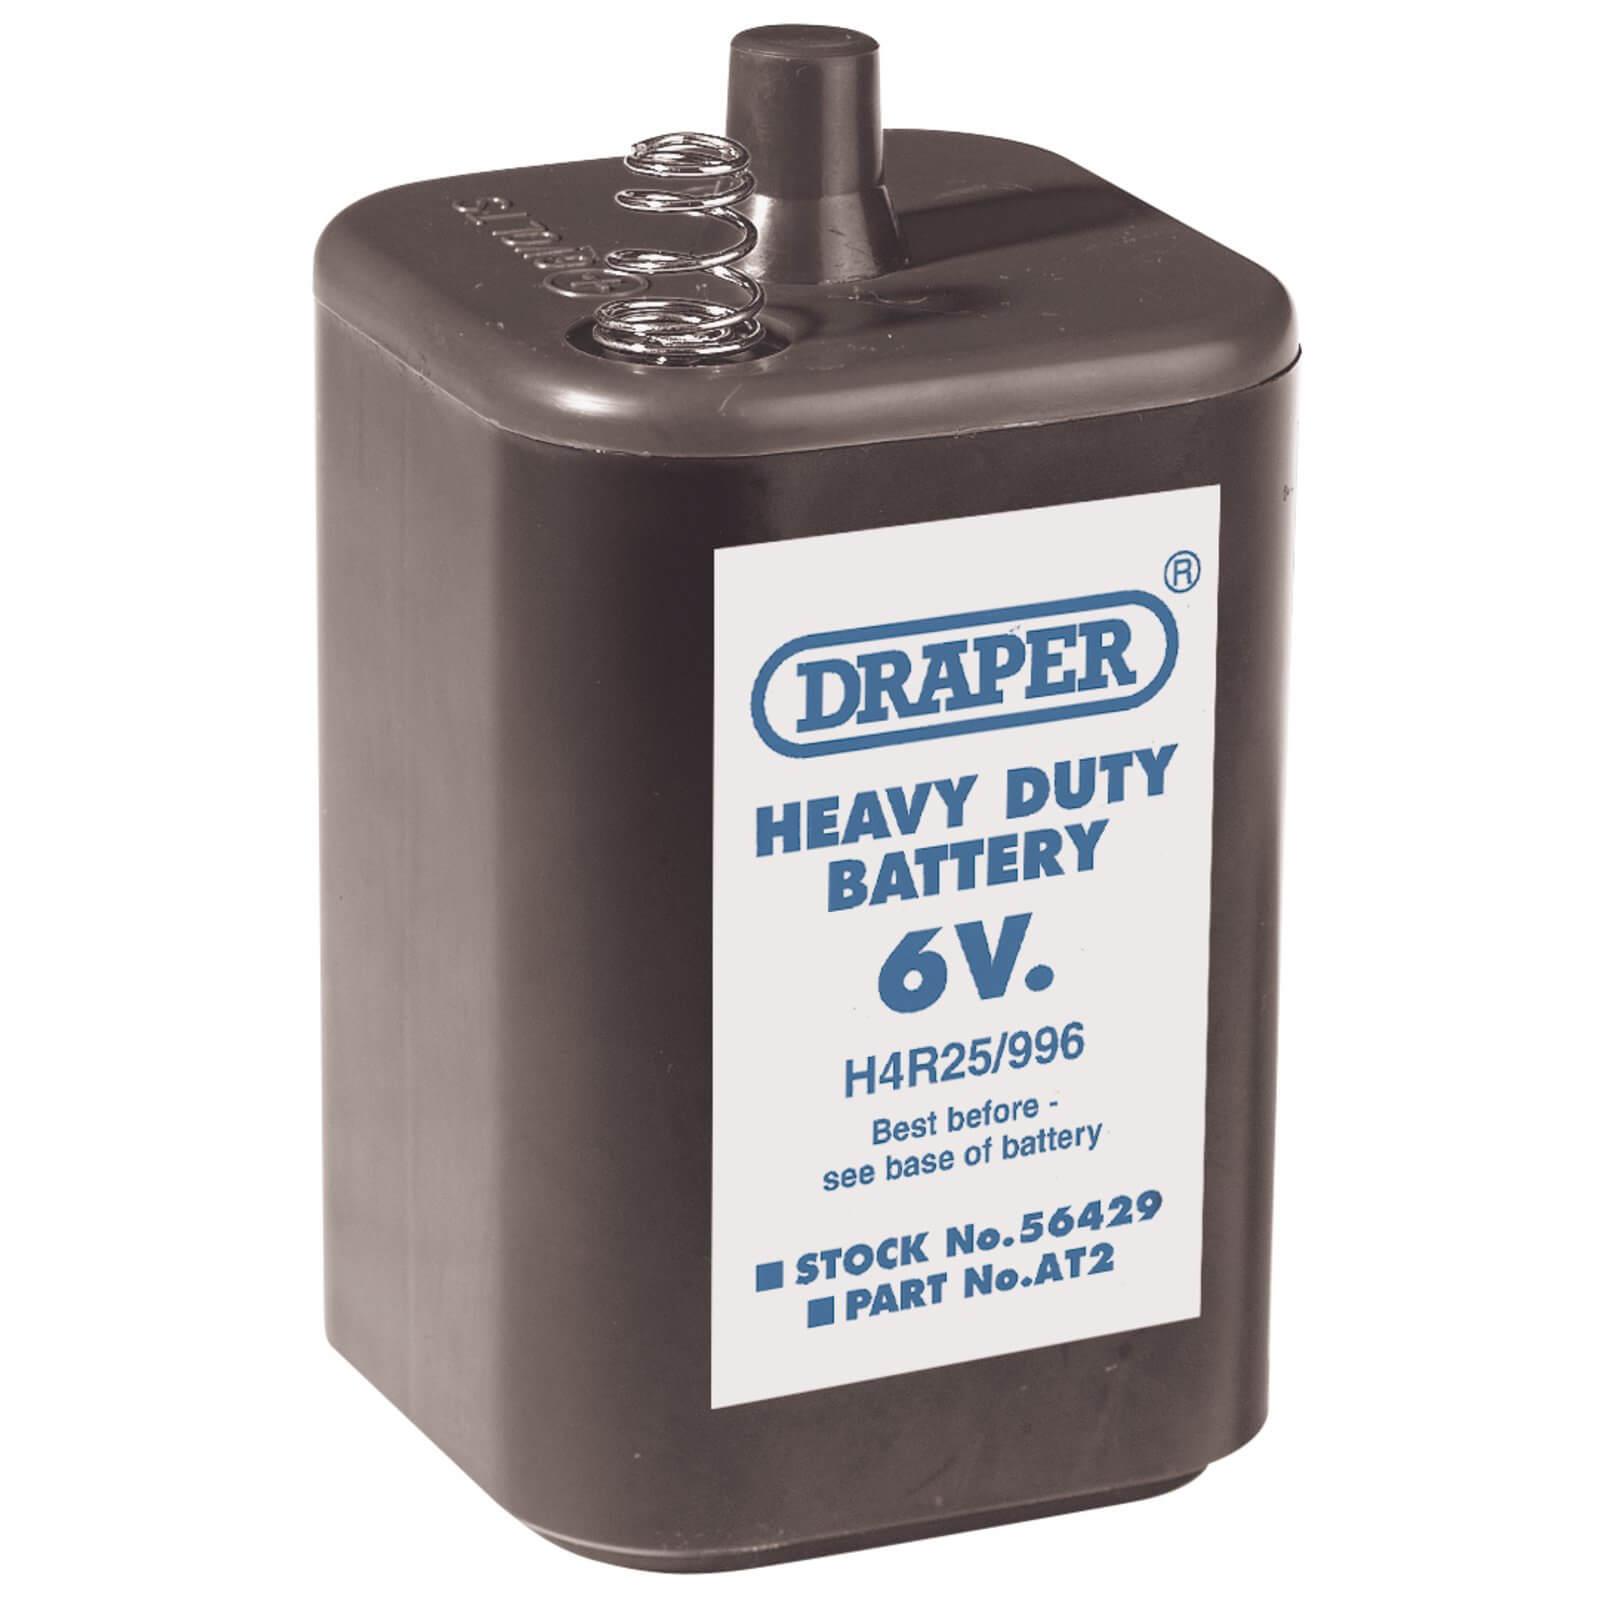 Image of Draper 6v PJ996 Size Battery Pack of 6